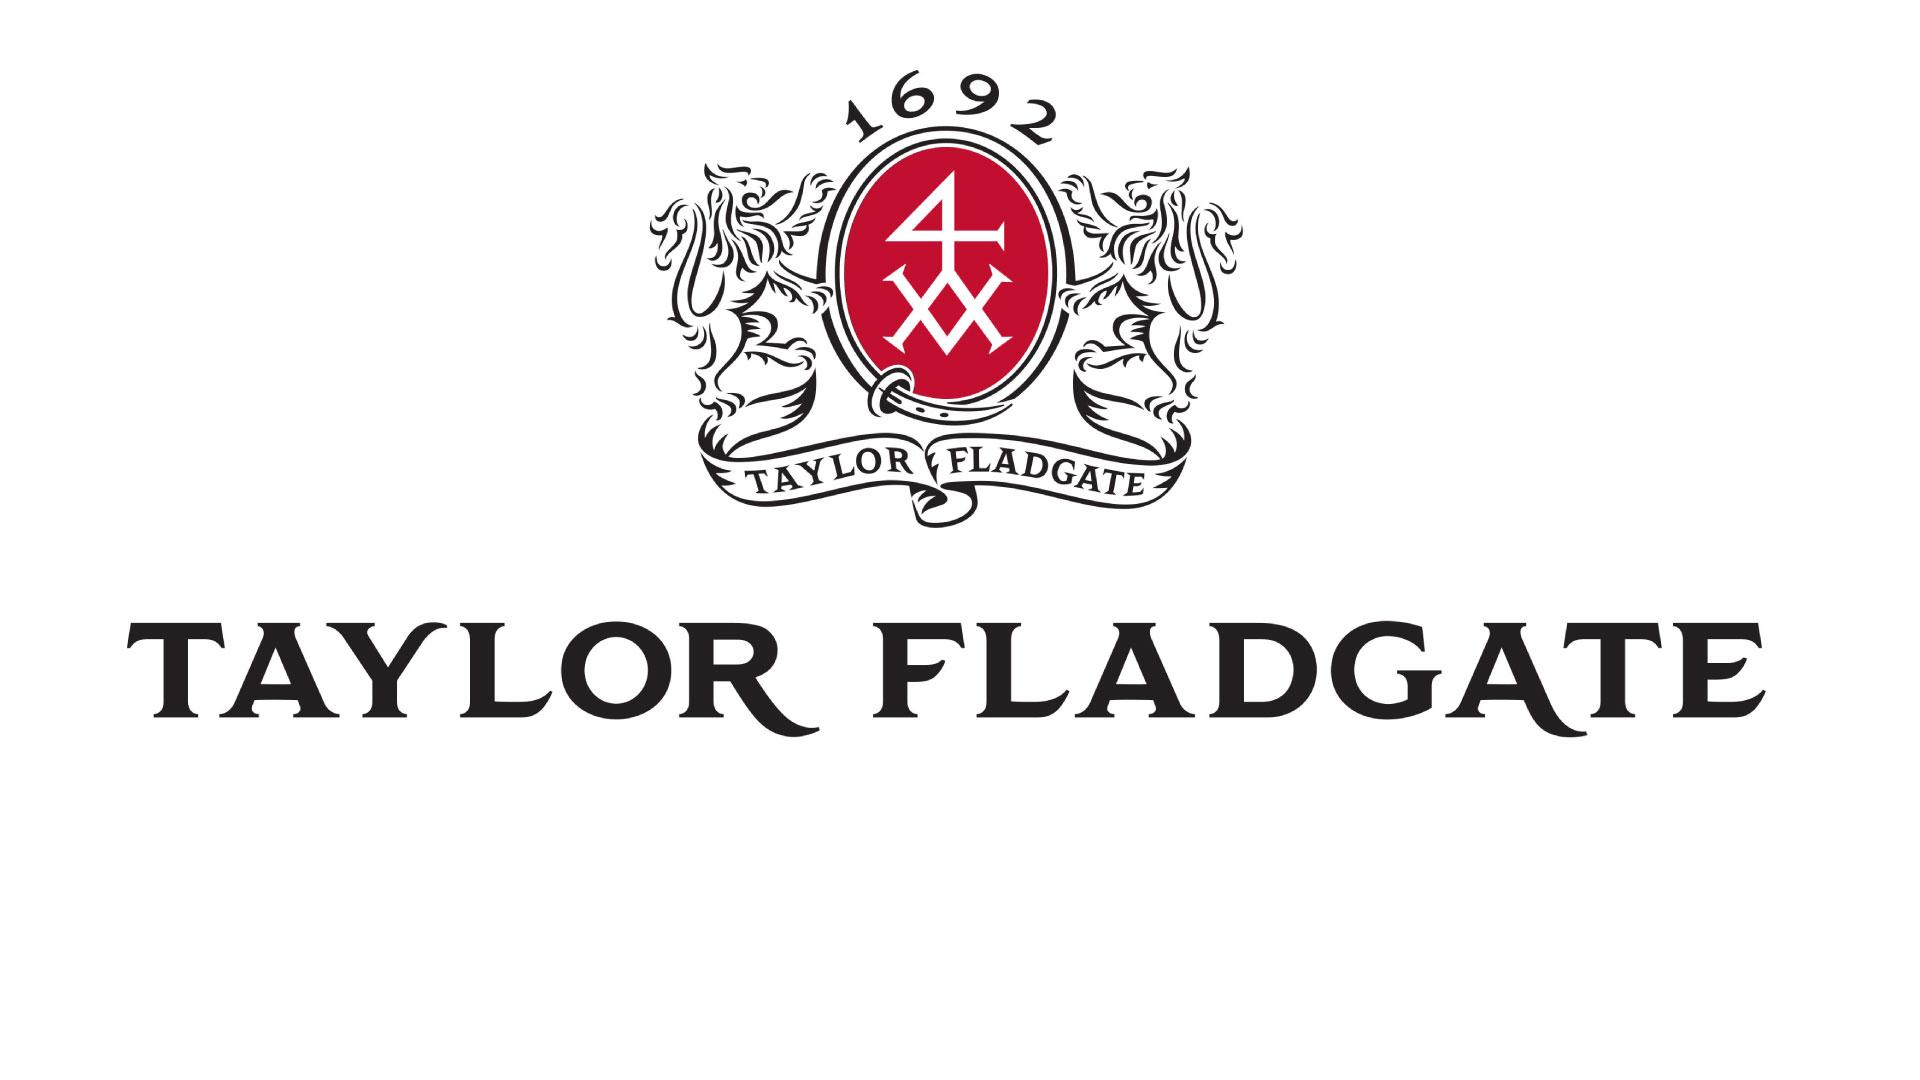 Fladgate Cocktails Taylor's